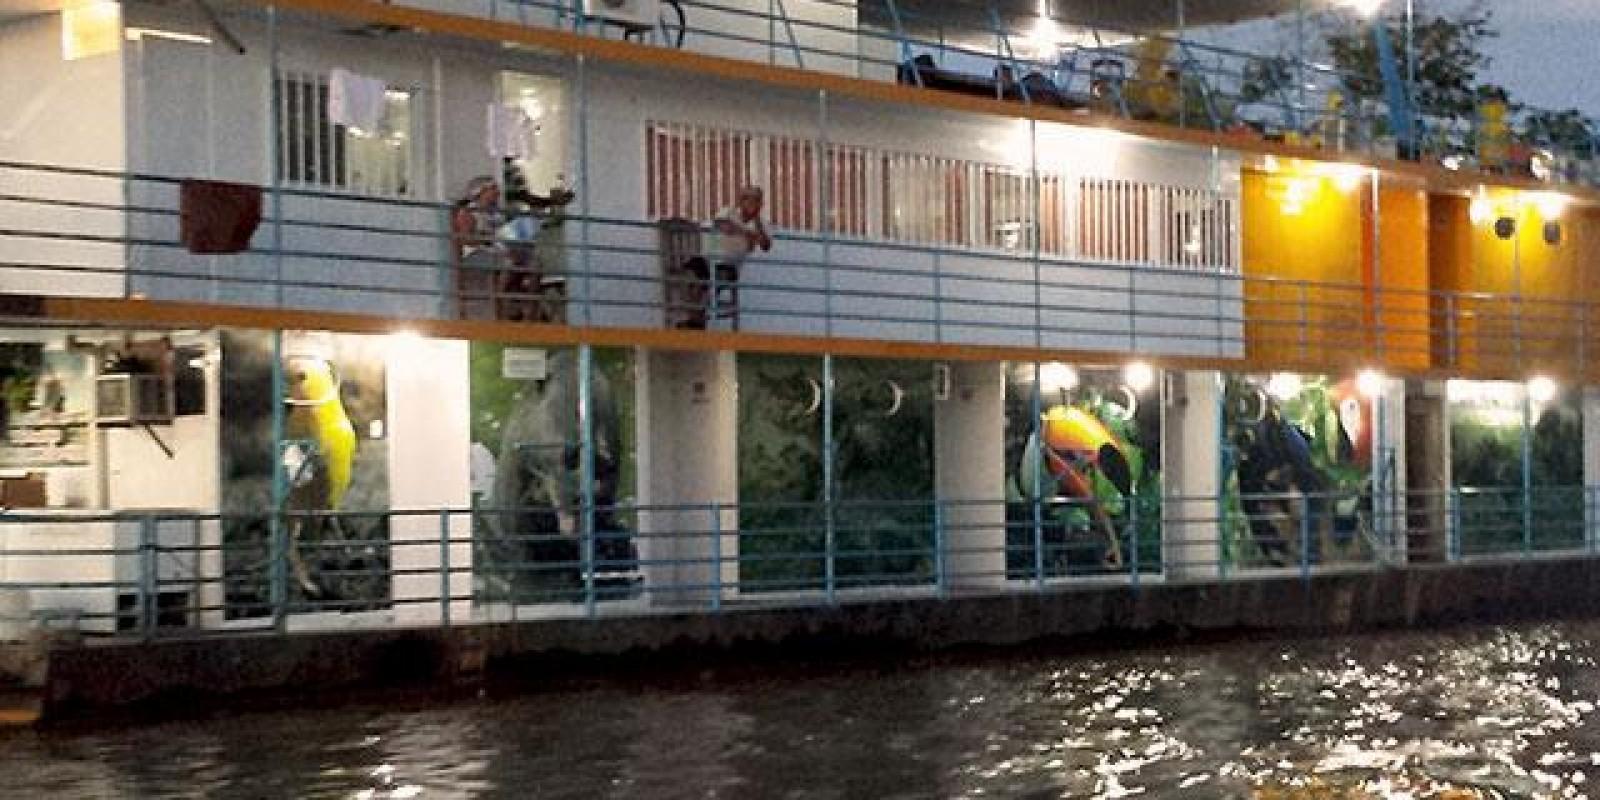 Barco Hotel Matucho - Luis Alves - 20 pessoas